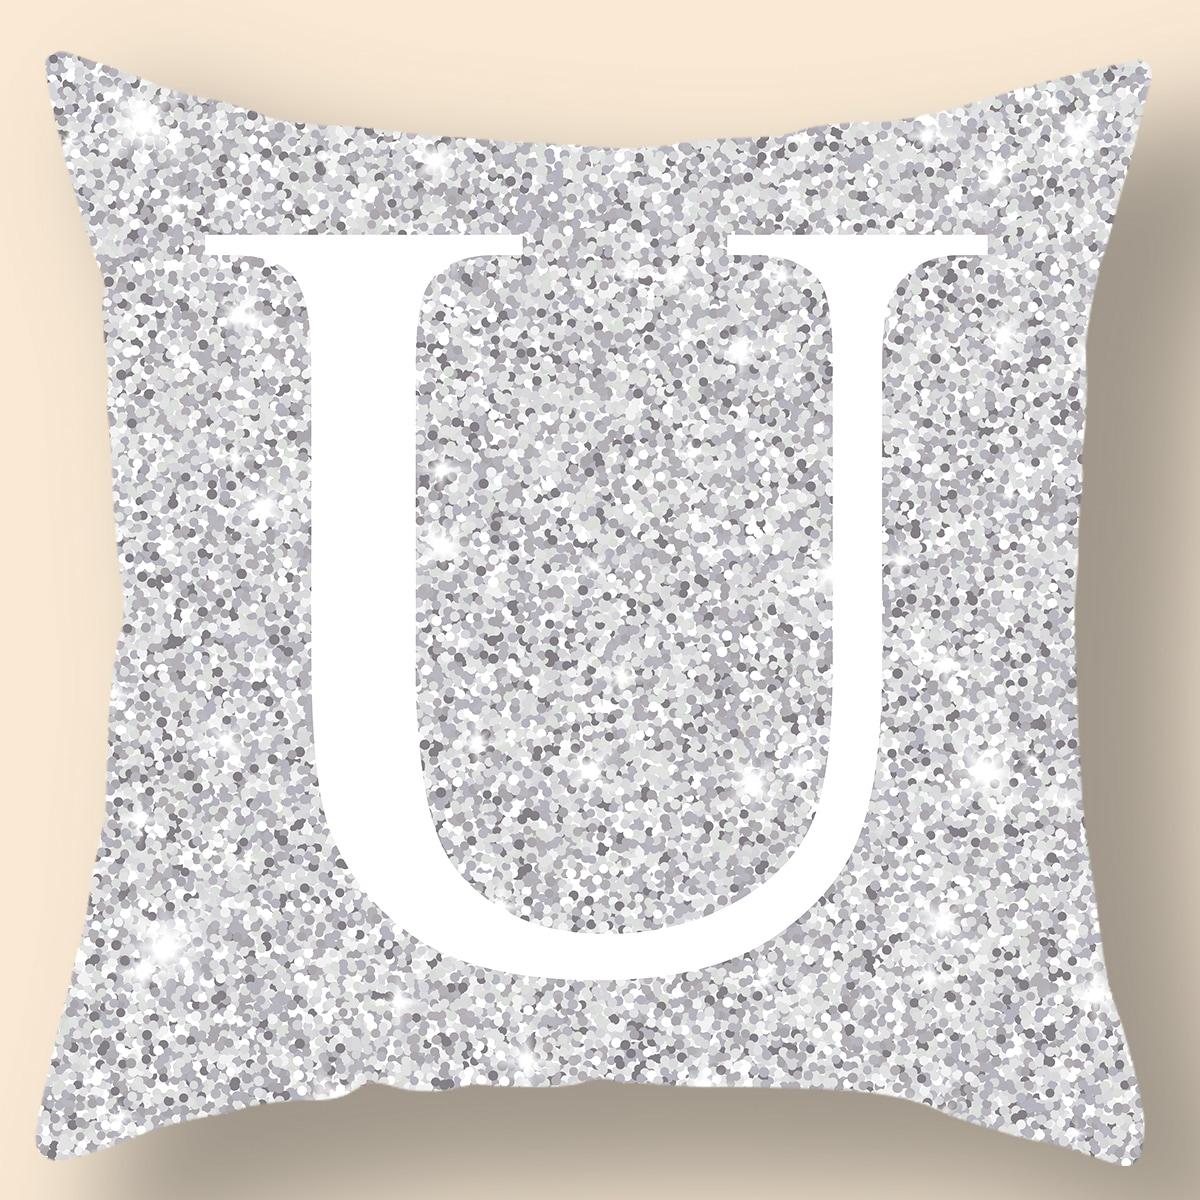 Чехол для подушки с алфавитным принтом без наполнителя фото